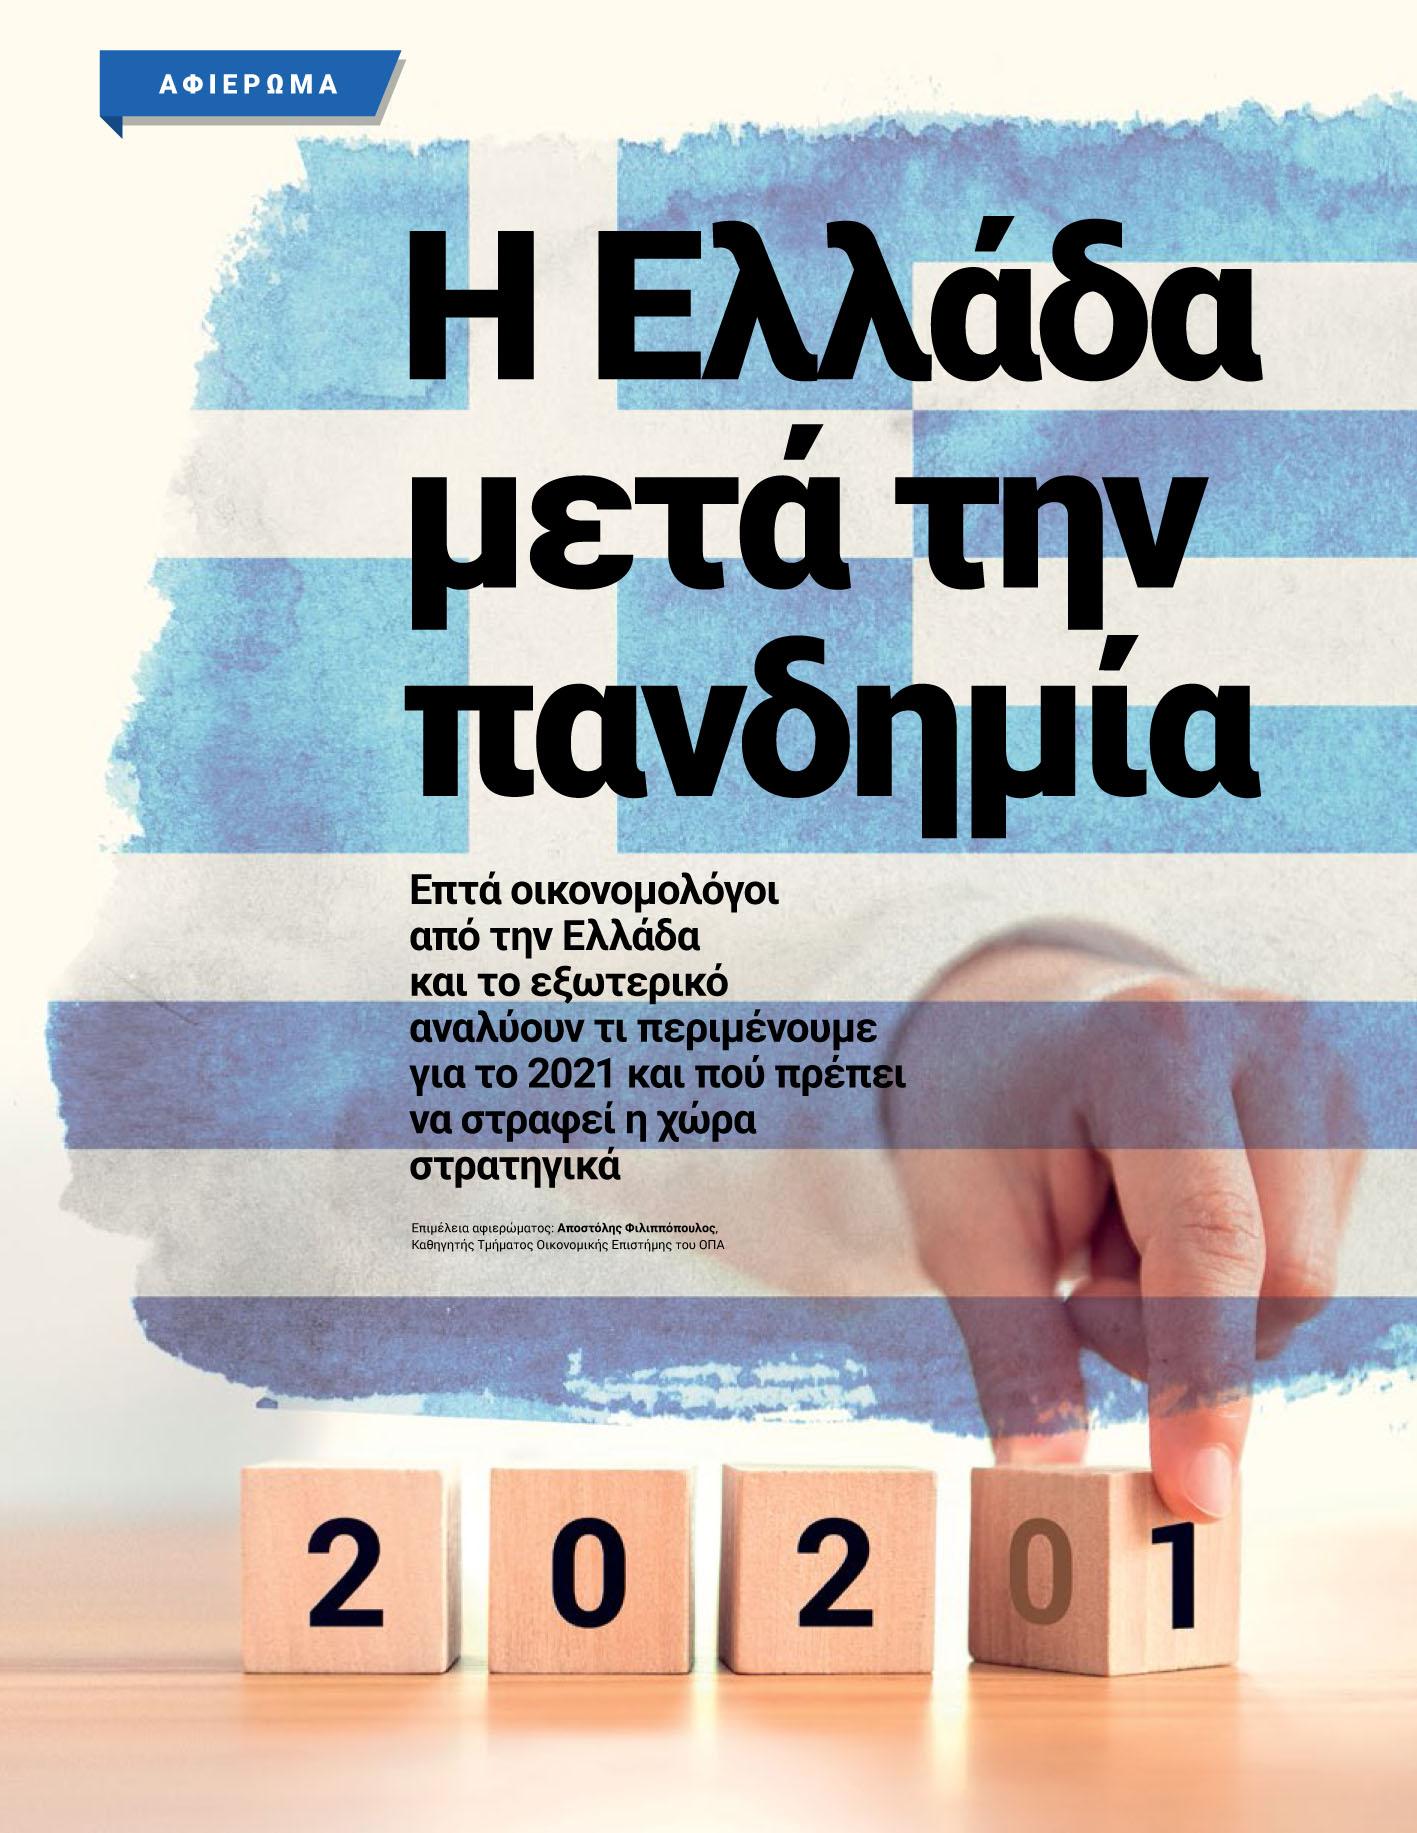 Η Ελλάδα μετά την πανδημία